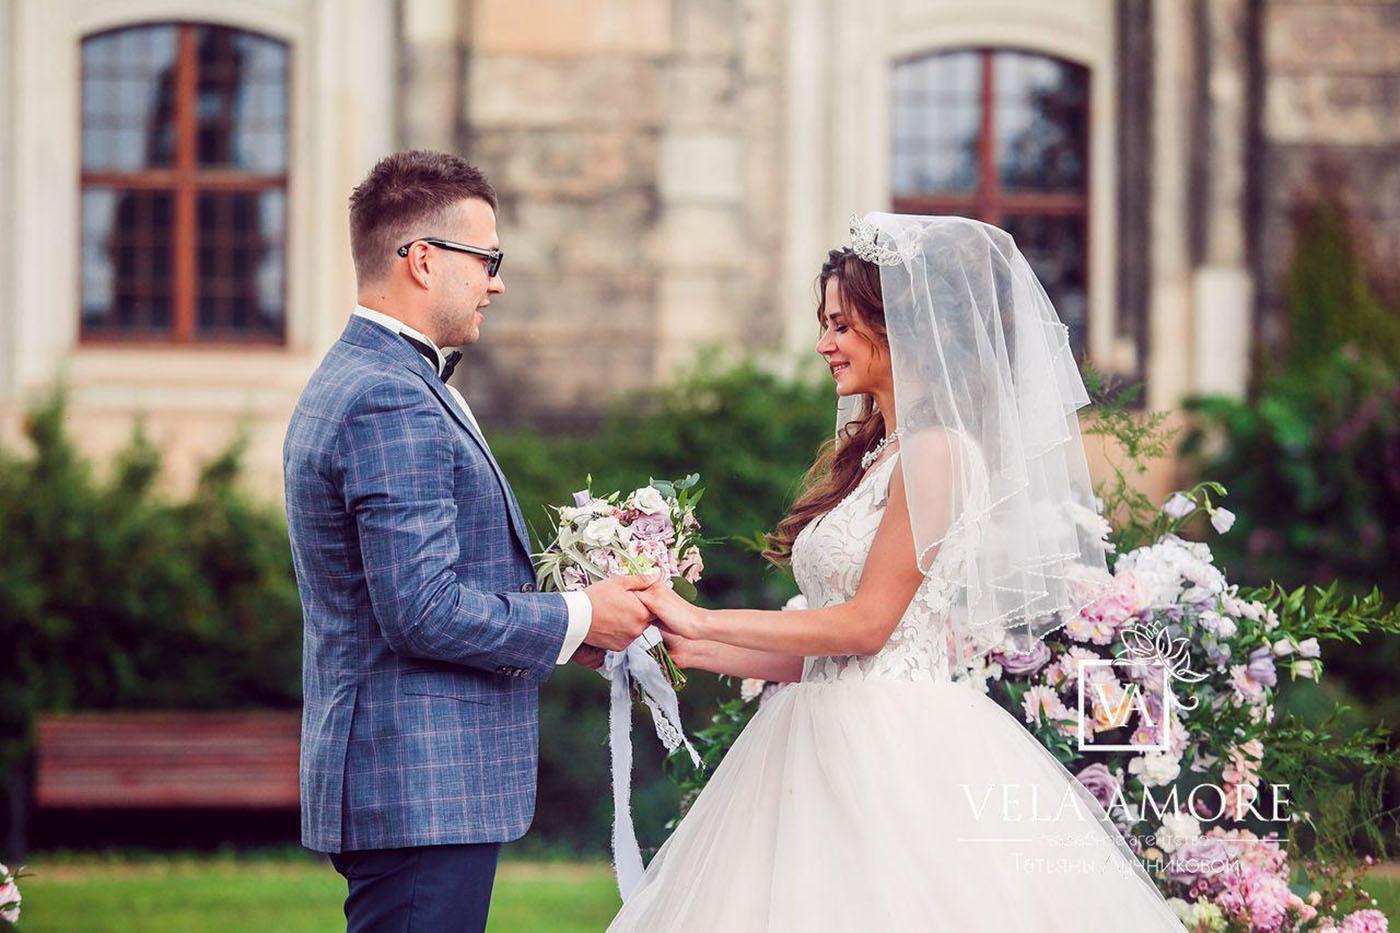 Нужна организация свадьбы